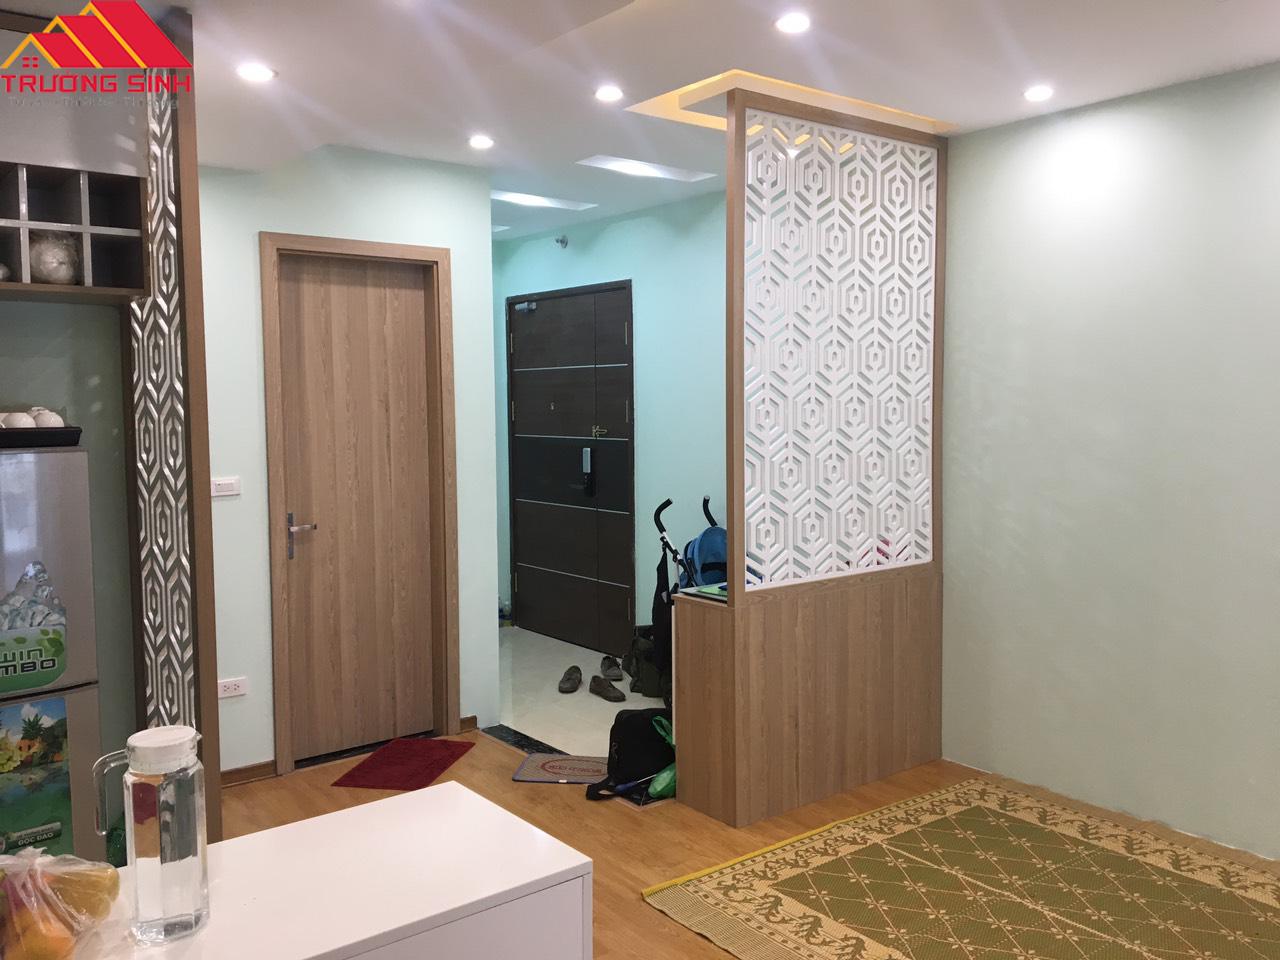 Giúp bạn lựa chọn một công ty sửa nhà uy tín tại Hà Nội